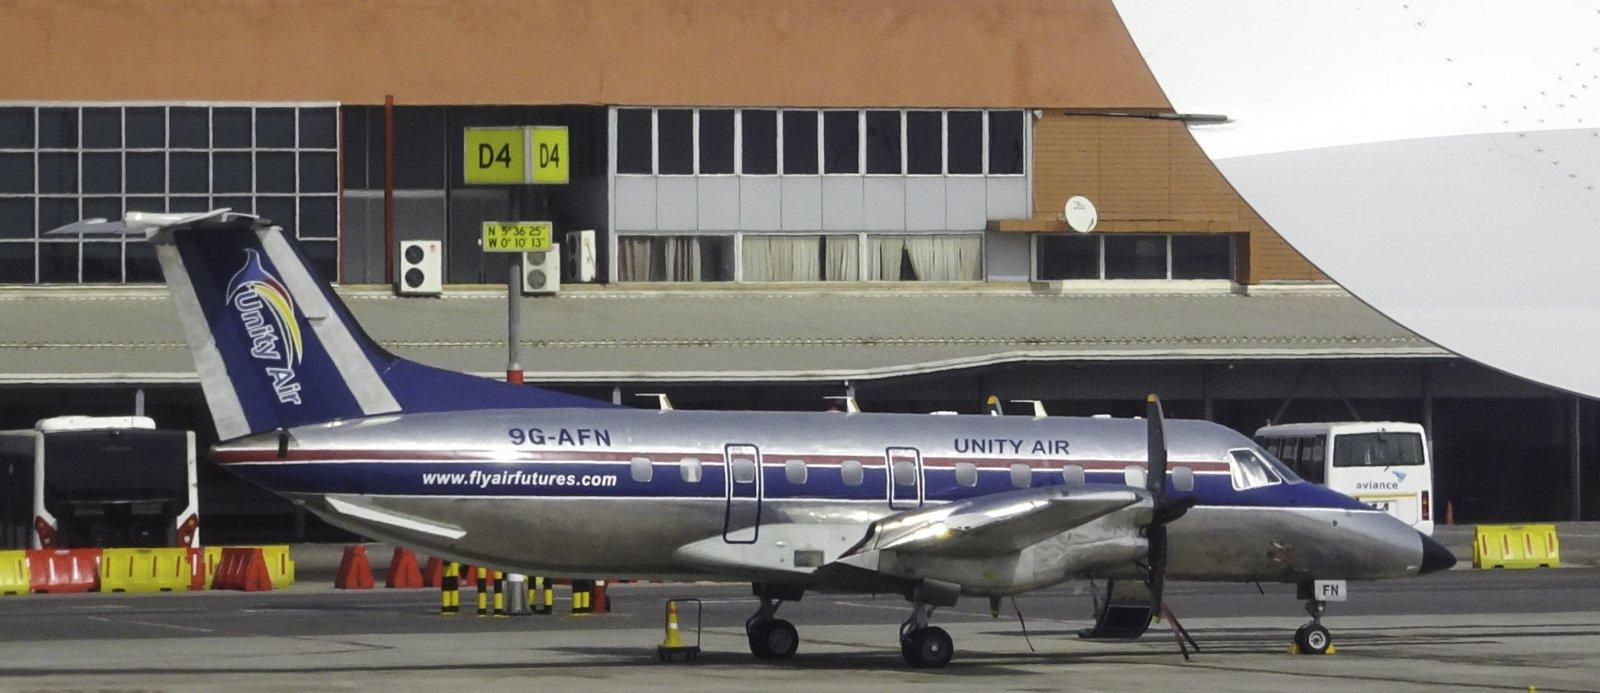 Unity Air Embraer Brasilia 120ER 9G-AFN